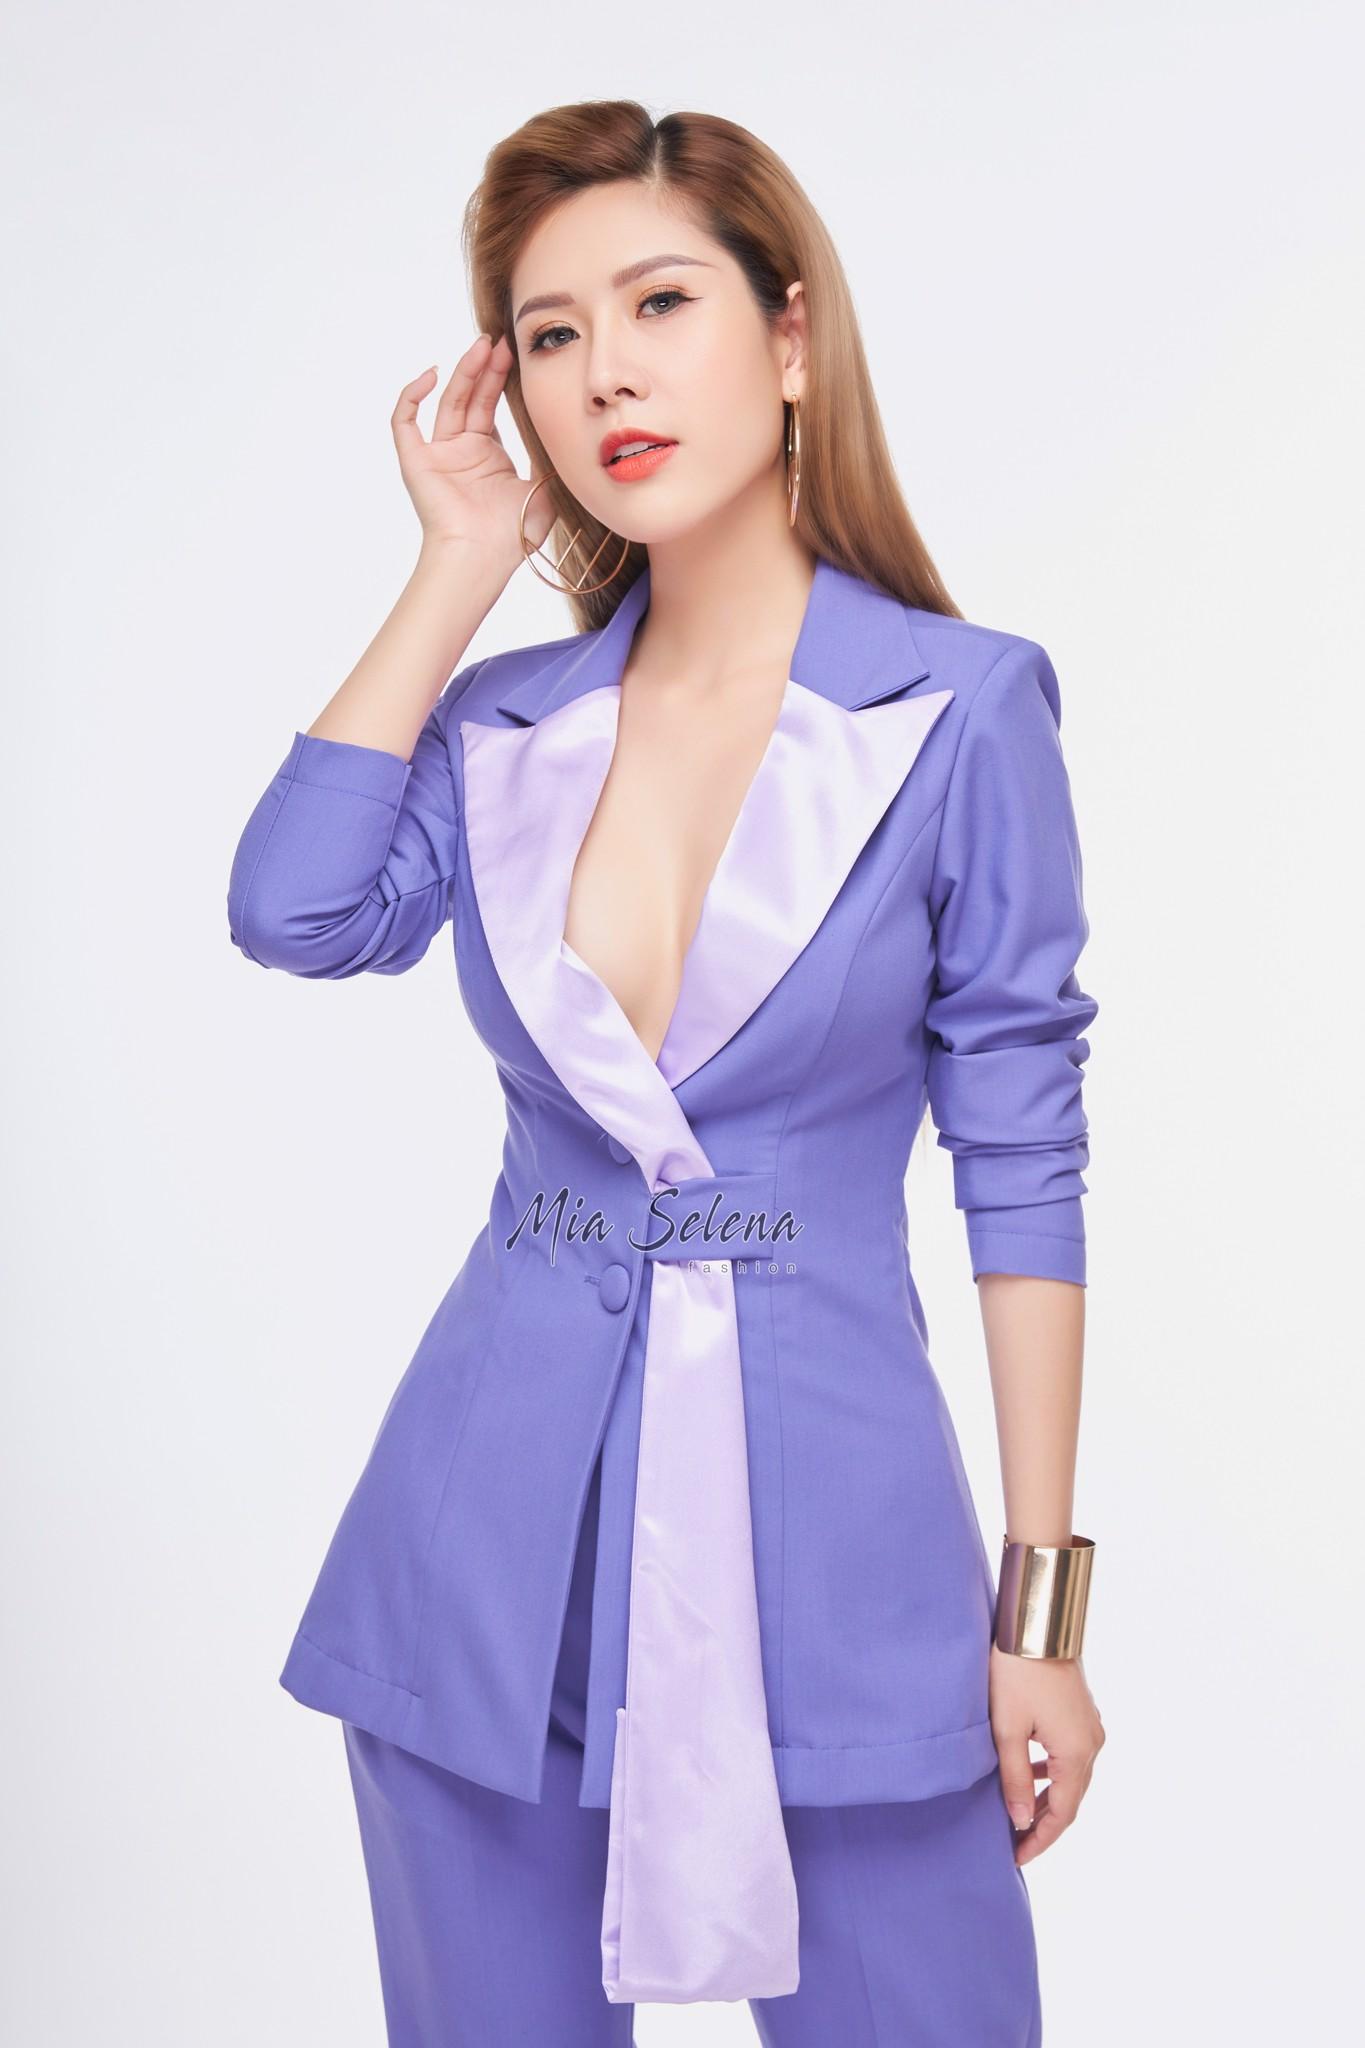 Vest Mia Selena thiết kế phong cách mới lạ